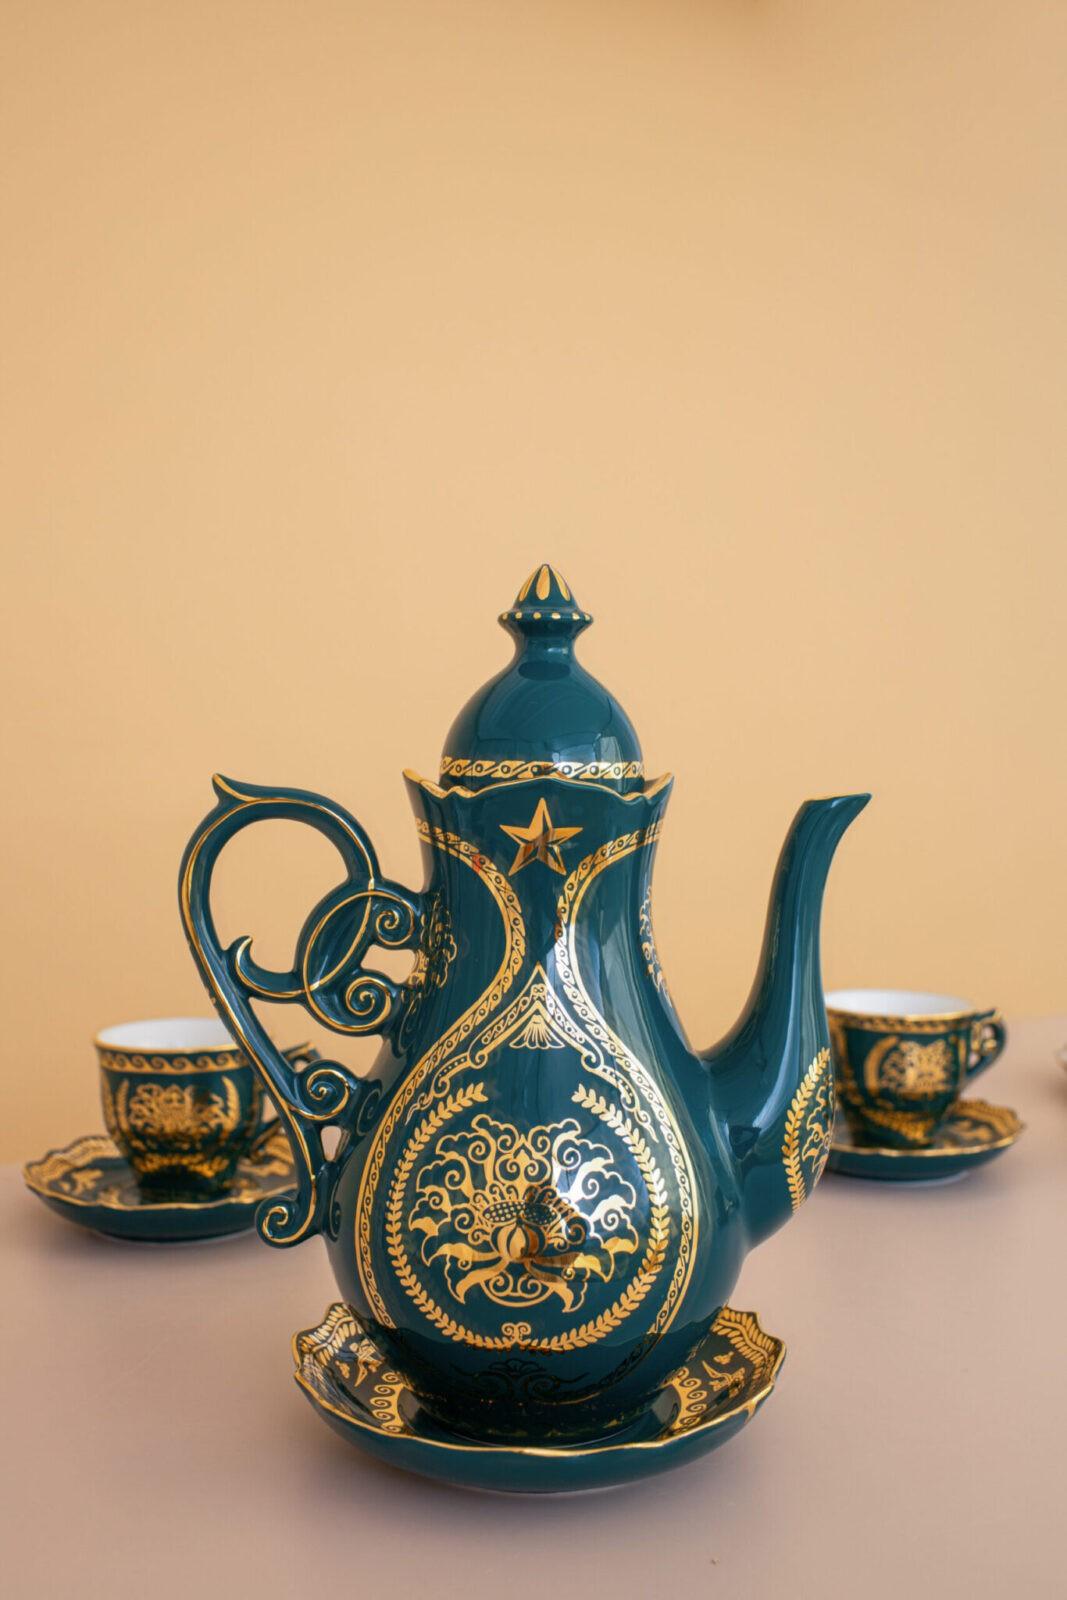 ấm trà nam vương xanh ngọc